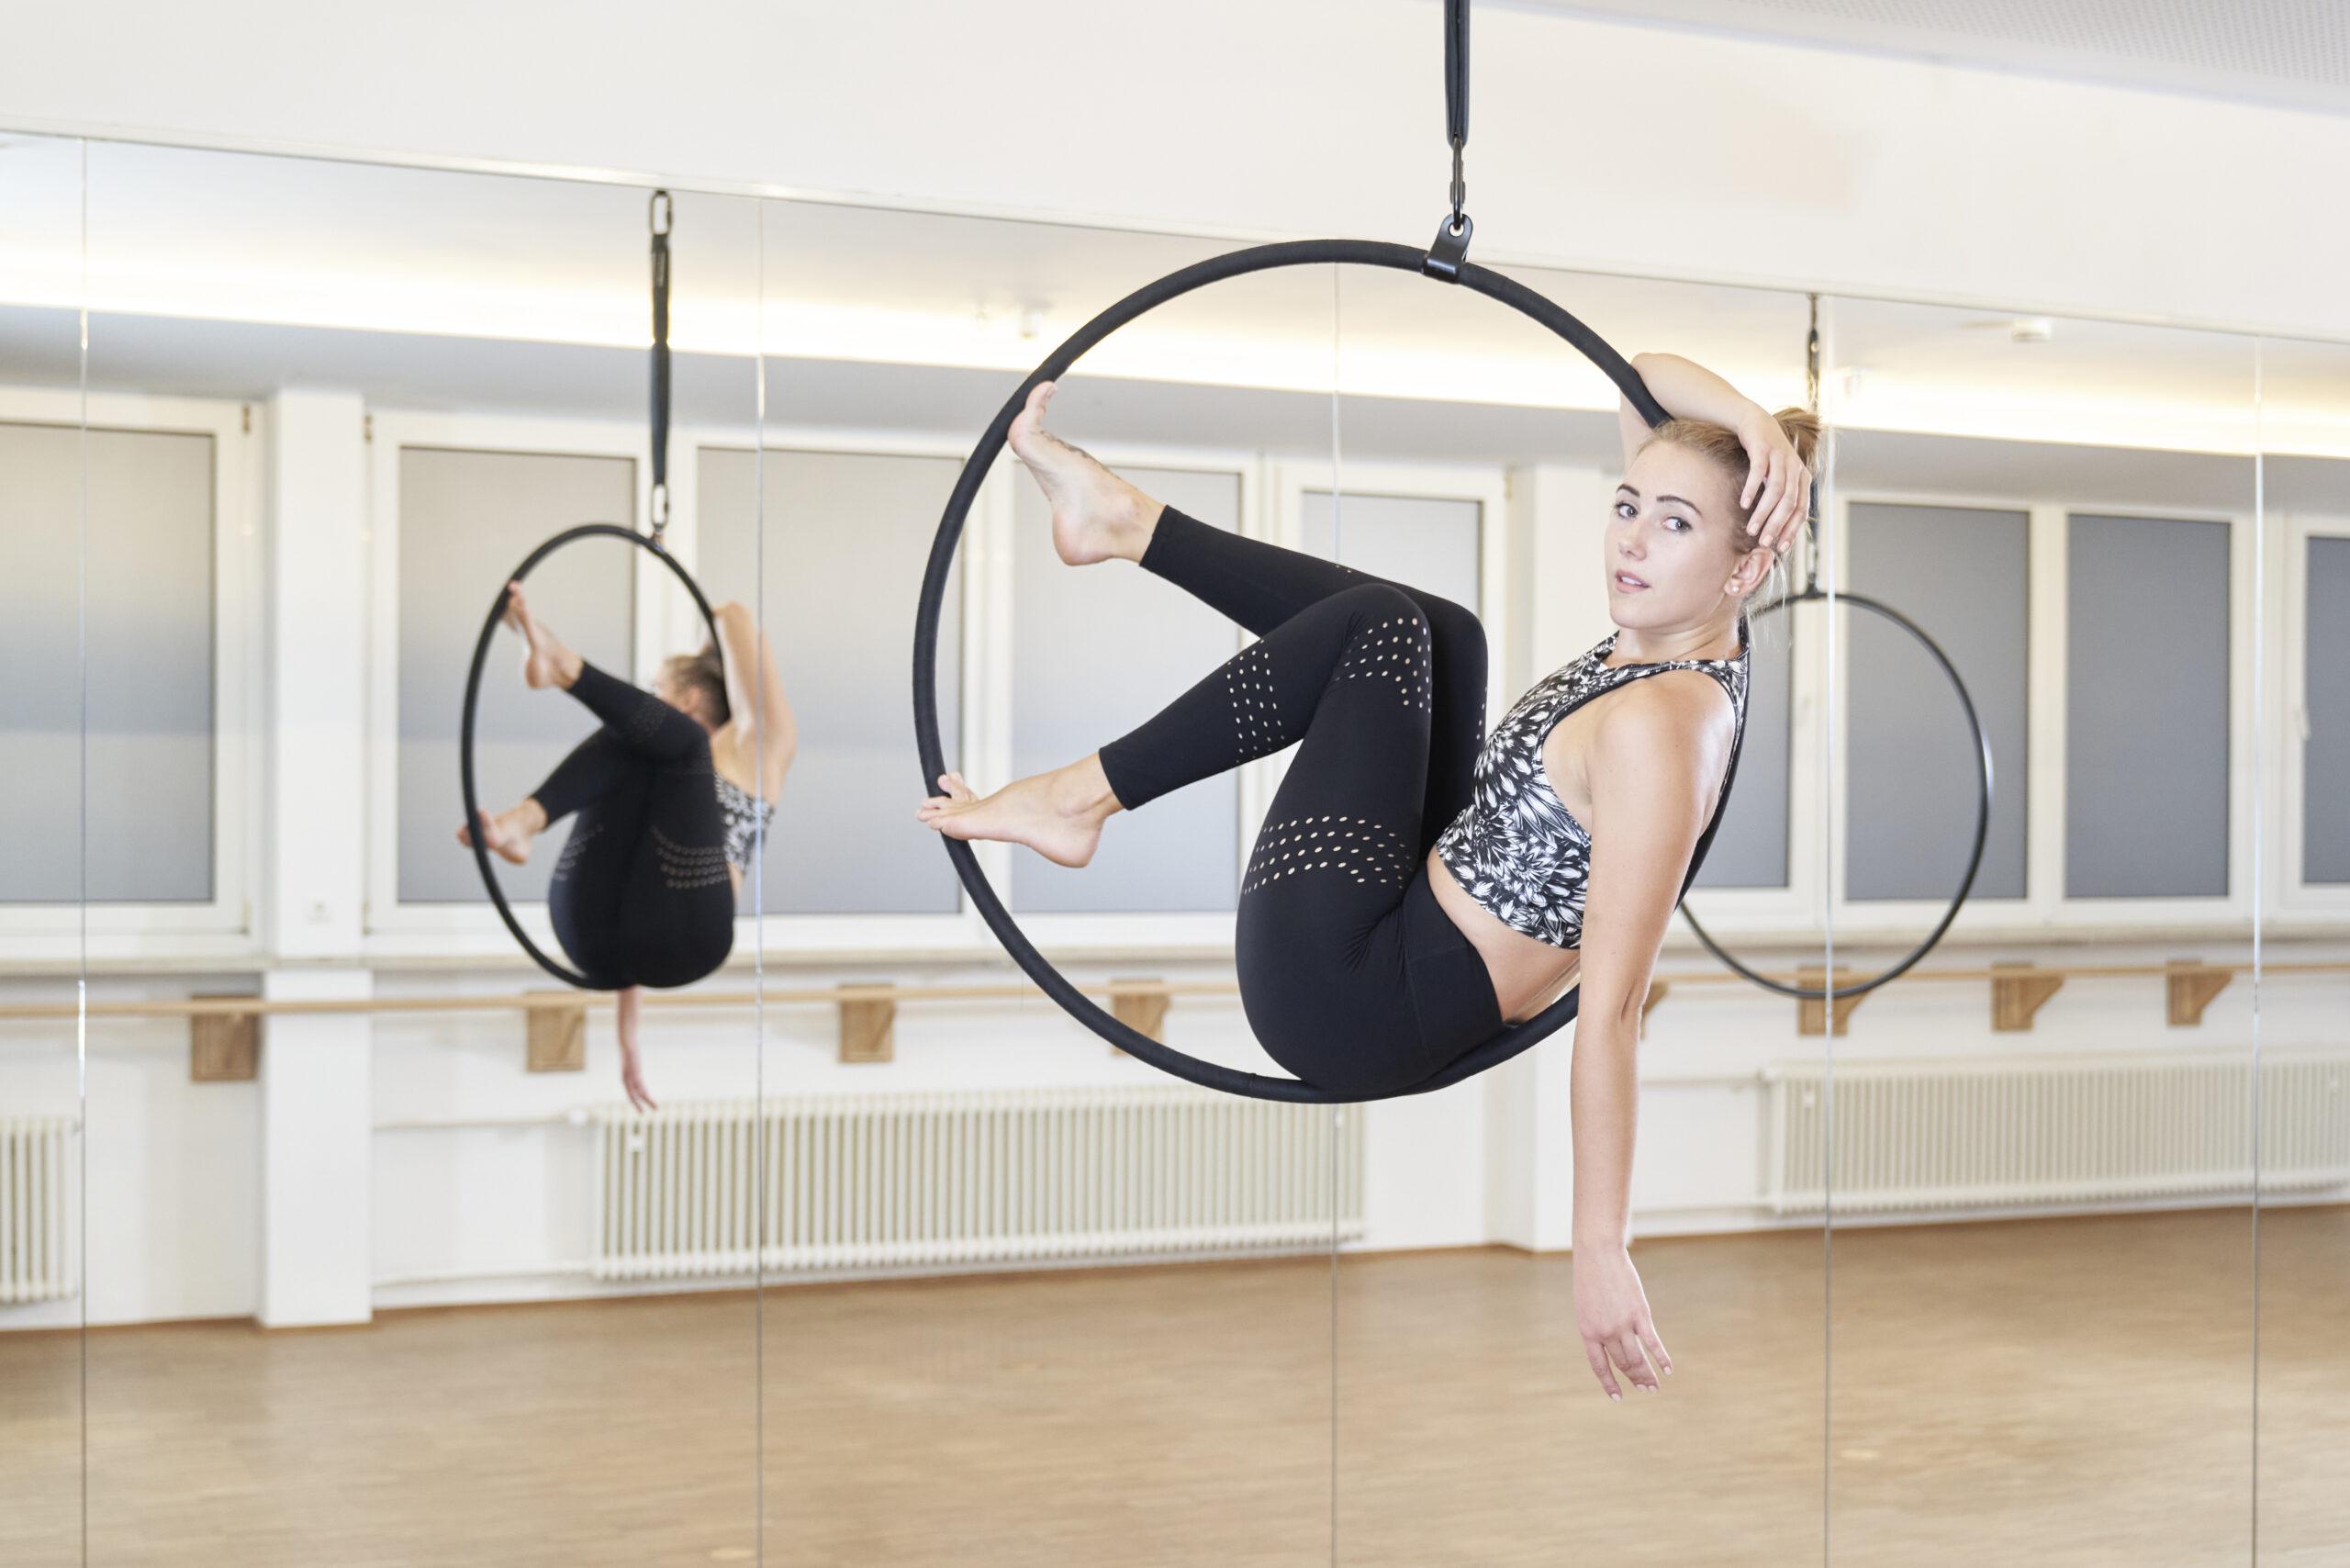 munich-poledance-aerial-hoop-01